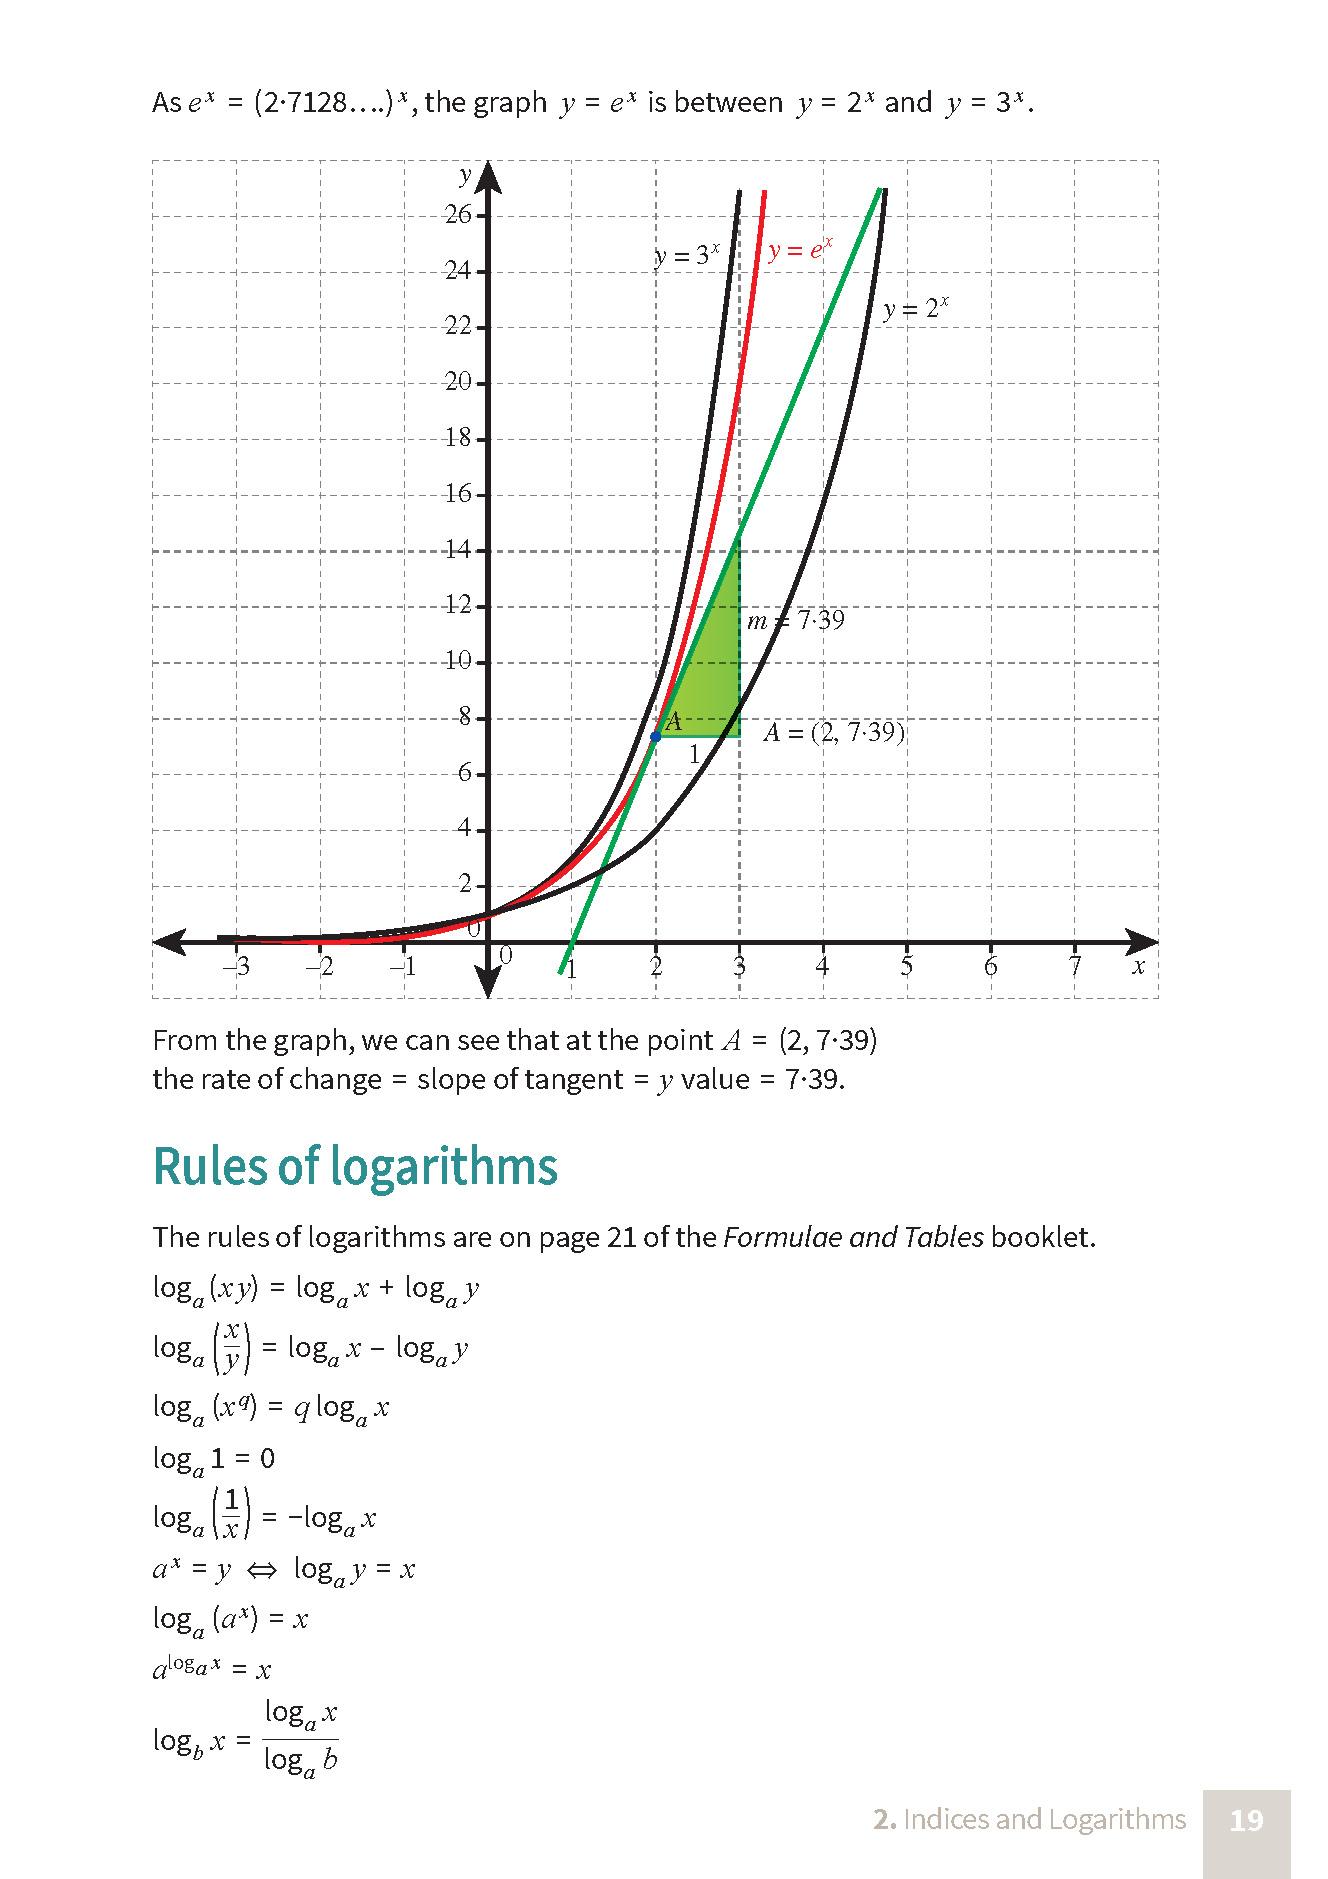 math hl paoer 2 pdf